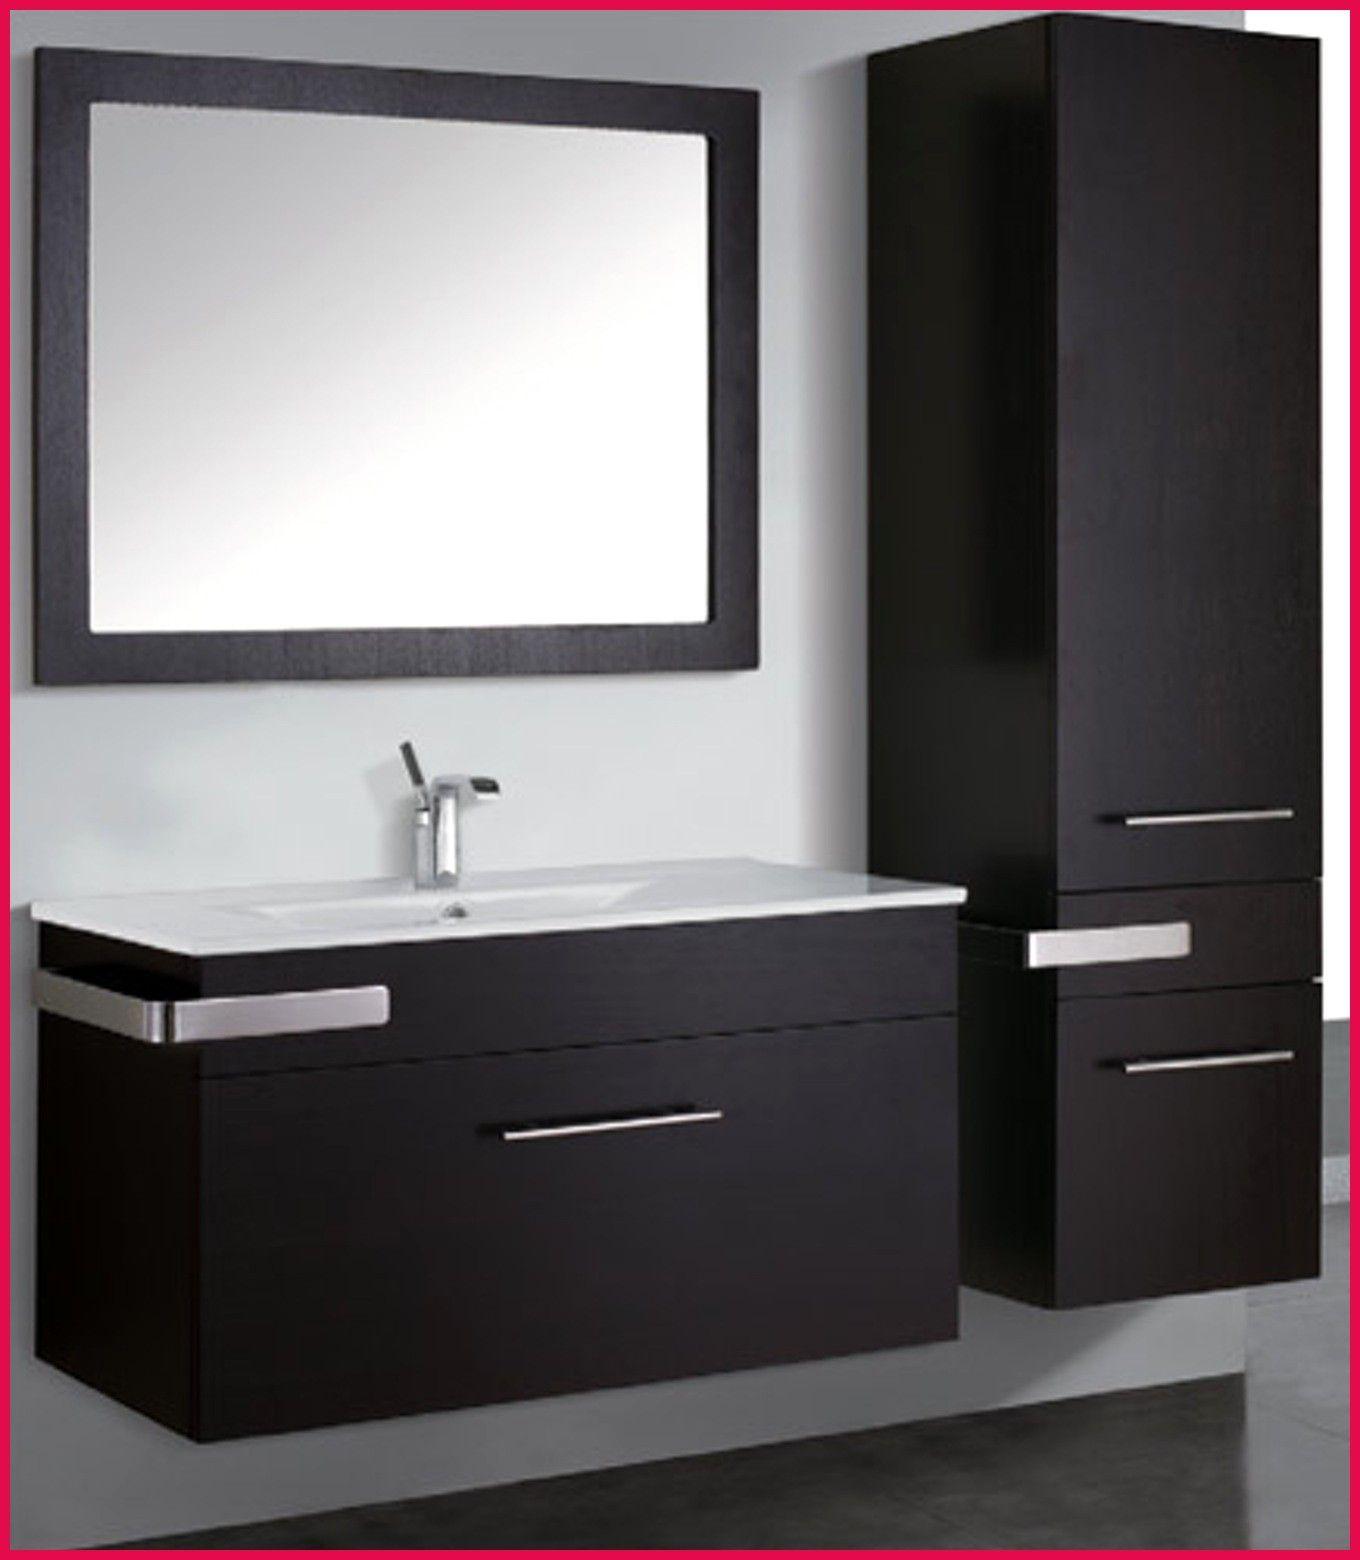 Pin By Ali On Salle De Bains Bathroom Cabinets Designs Amazing Bathrooms Bathroom Mirror